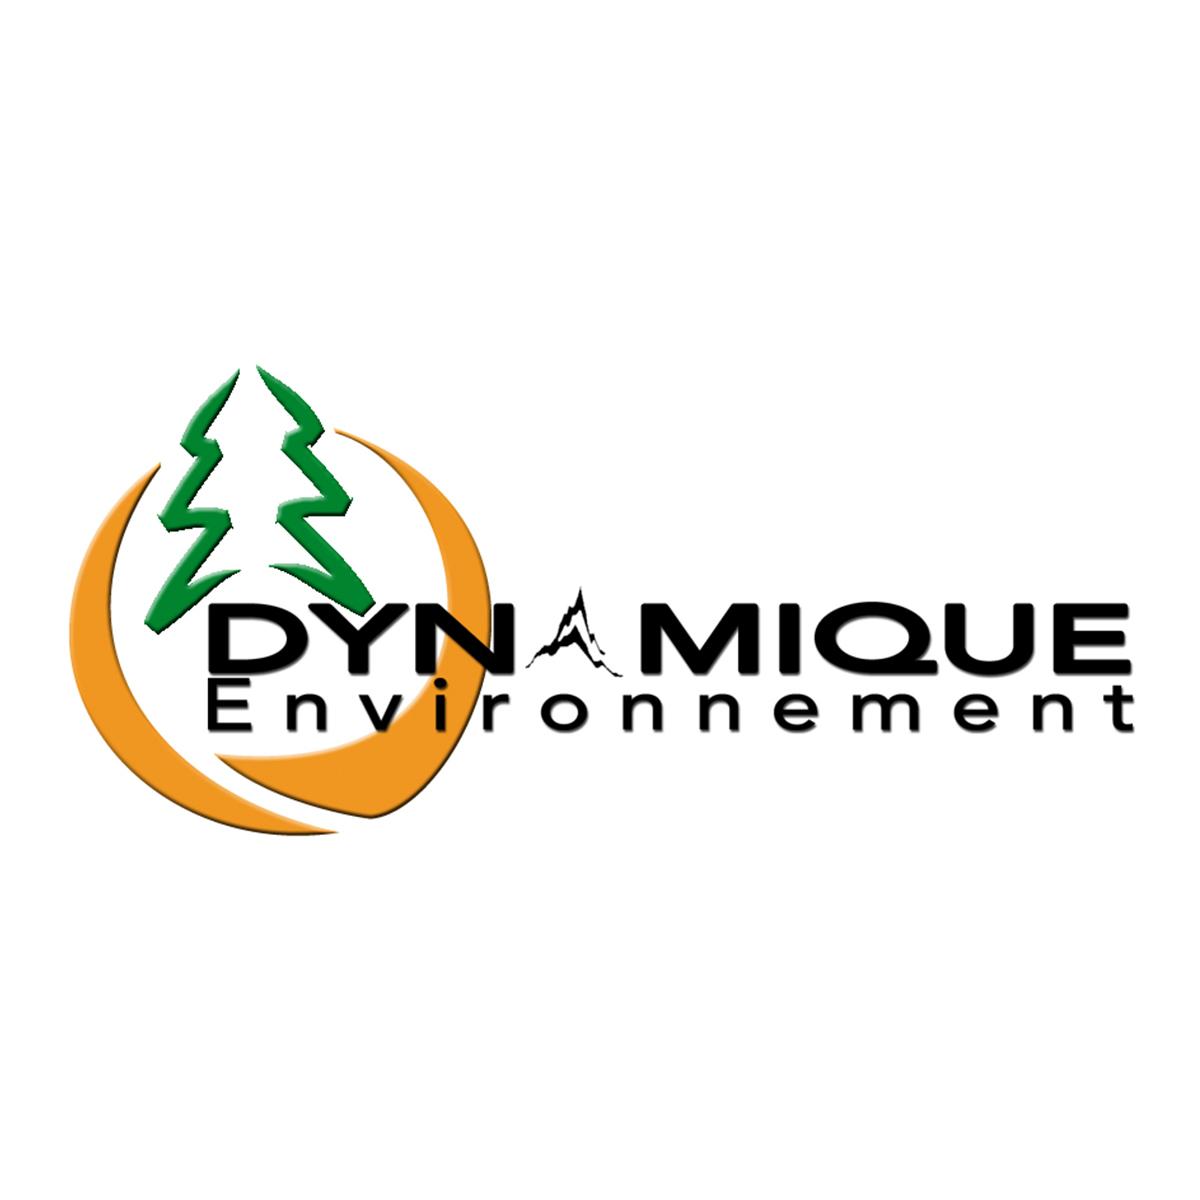 Dynamique Environnement